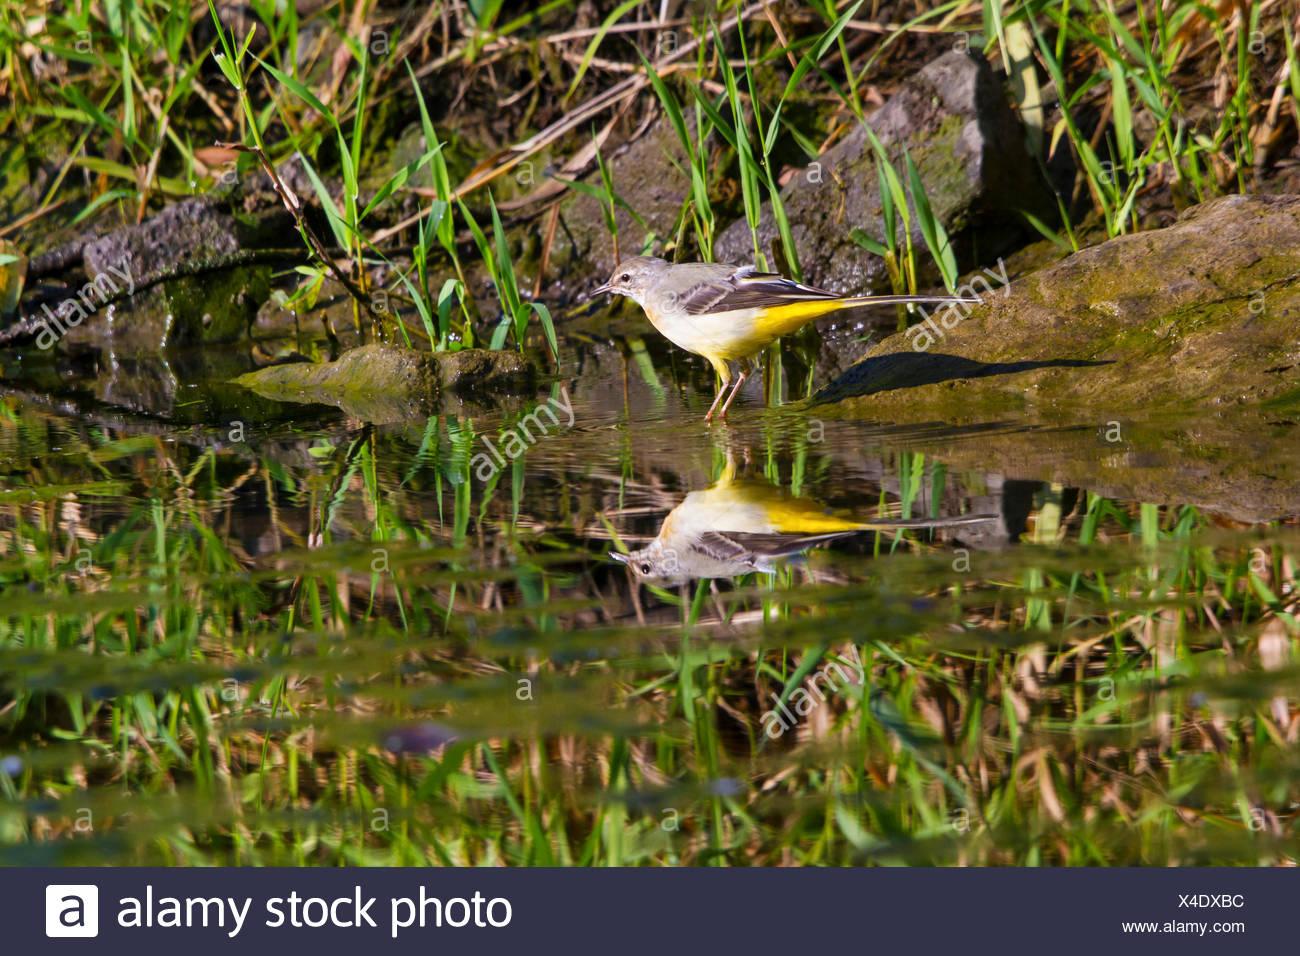 Wagtail grigio (Motacilla cinerea), sui mangimi, mirroring sulla superficie dell'acqua, Svizzera, sul lago di Costanza Immagini Stock